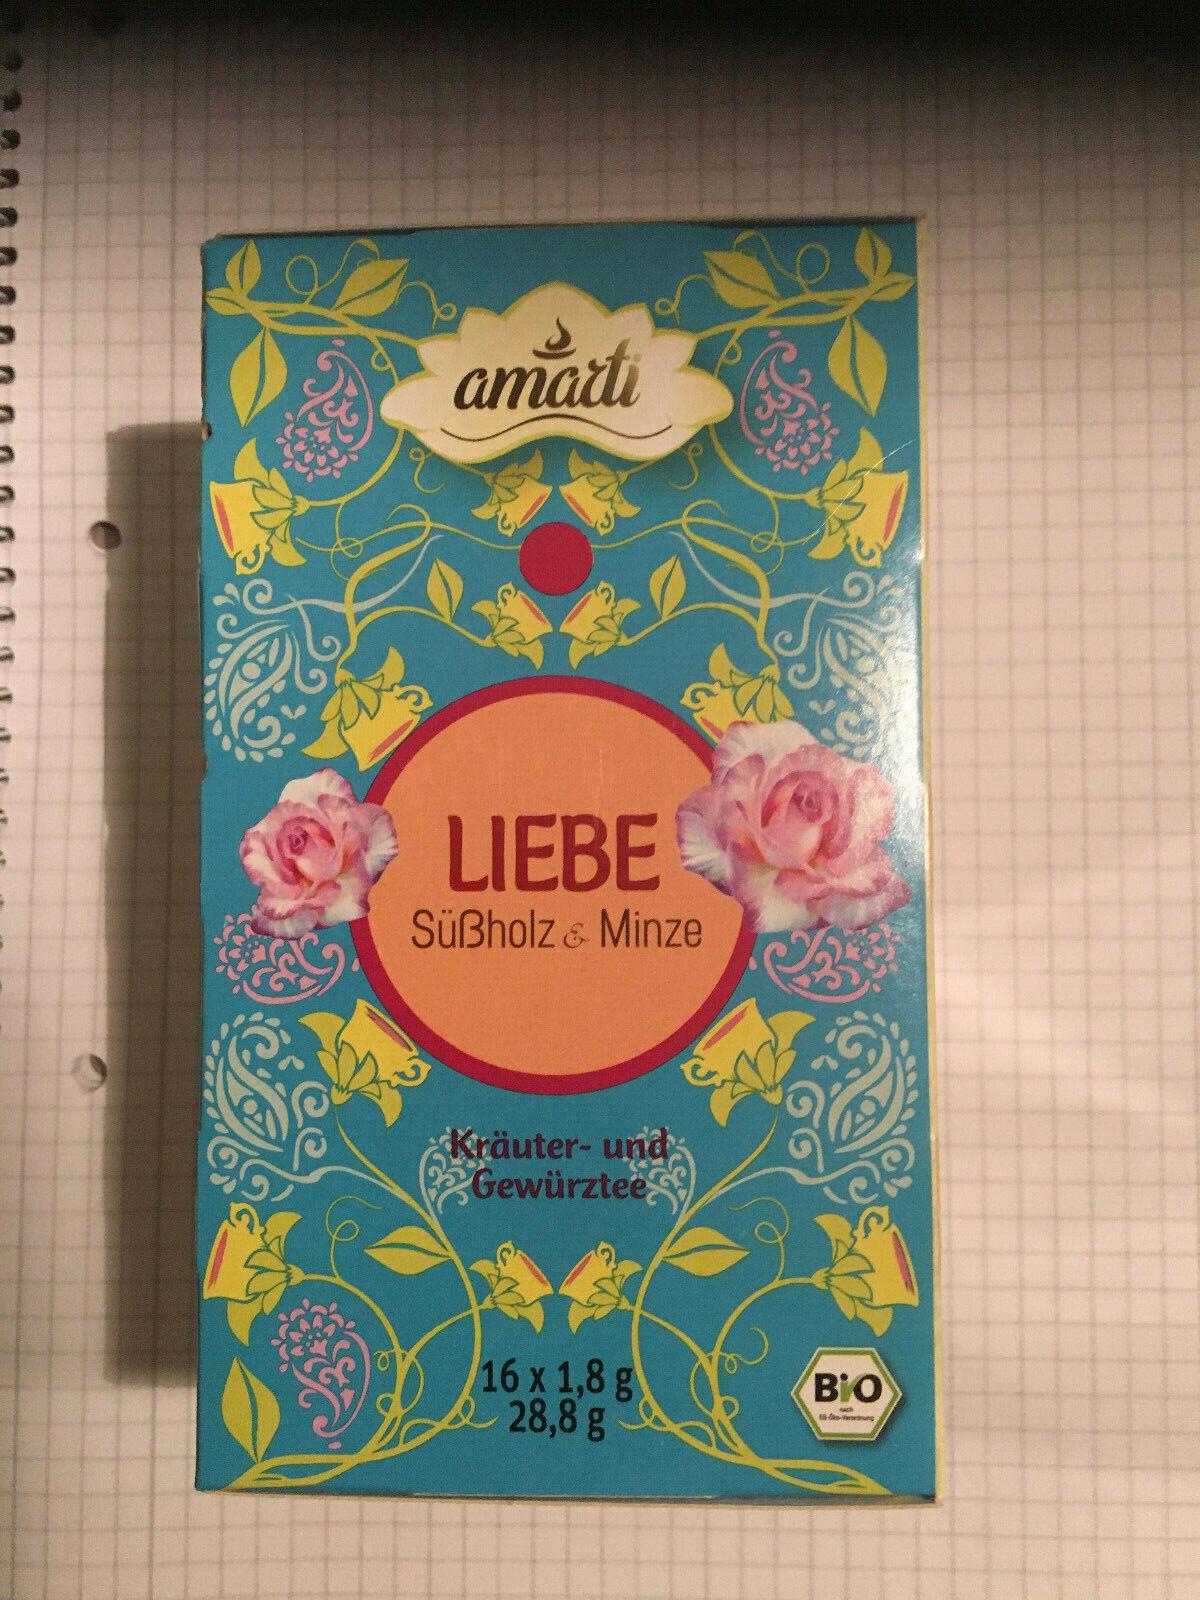 BIO Tee Süssholz Minze Kräuter- und Gewürzmischung von amarti 16 x 1,85 g Liebe